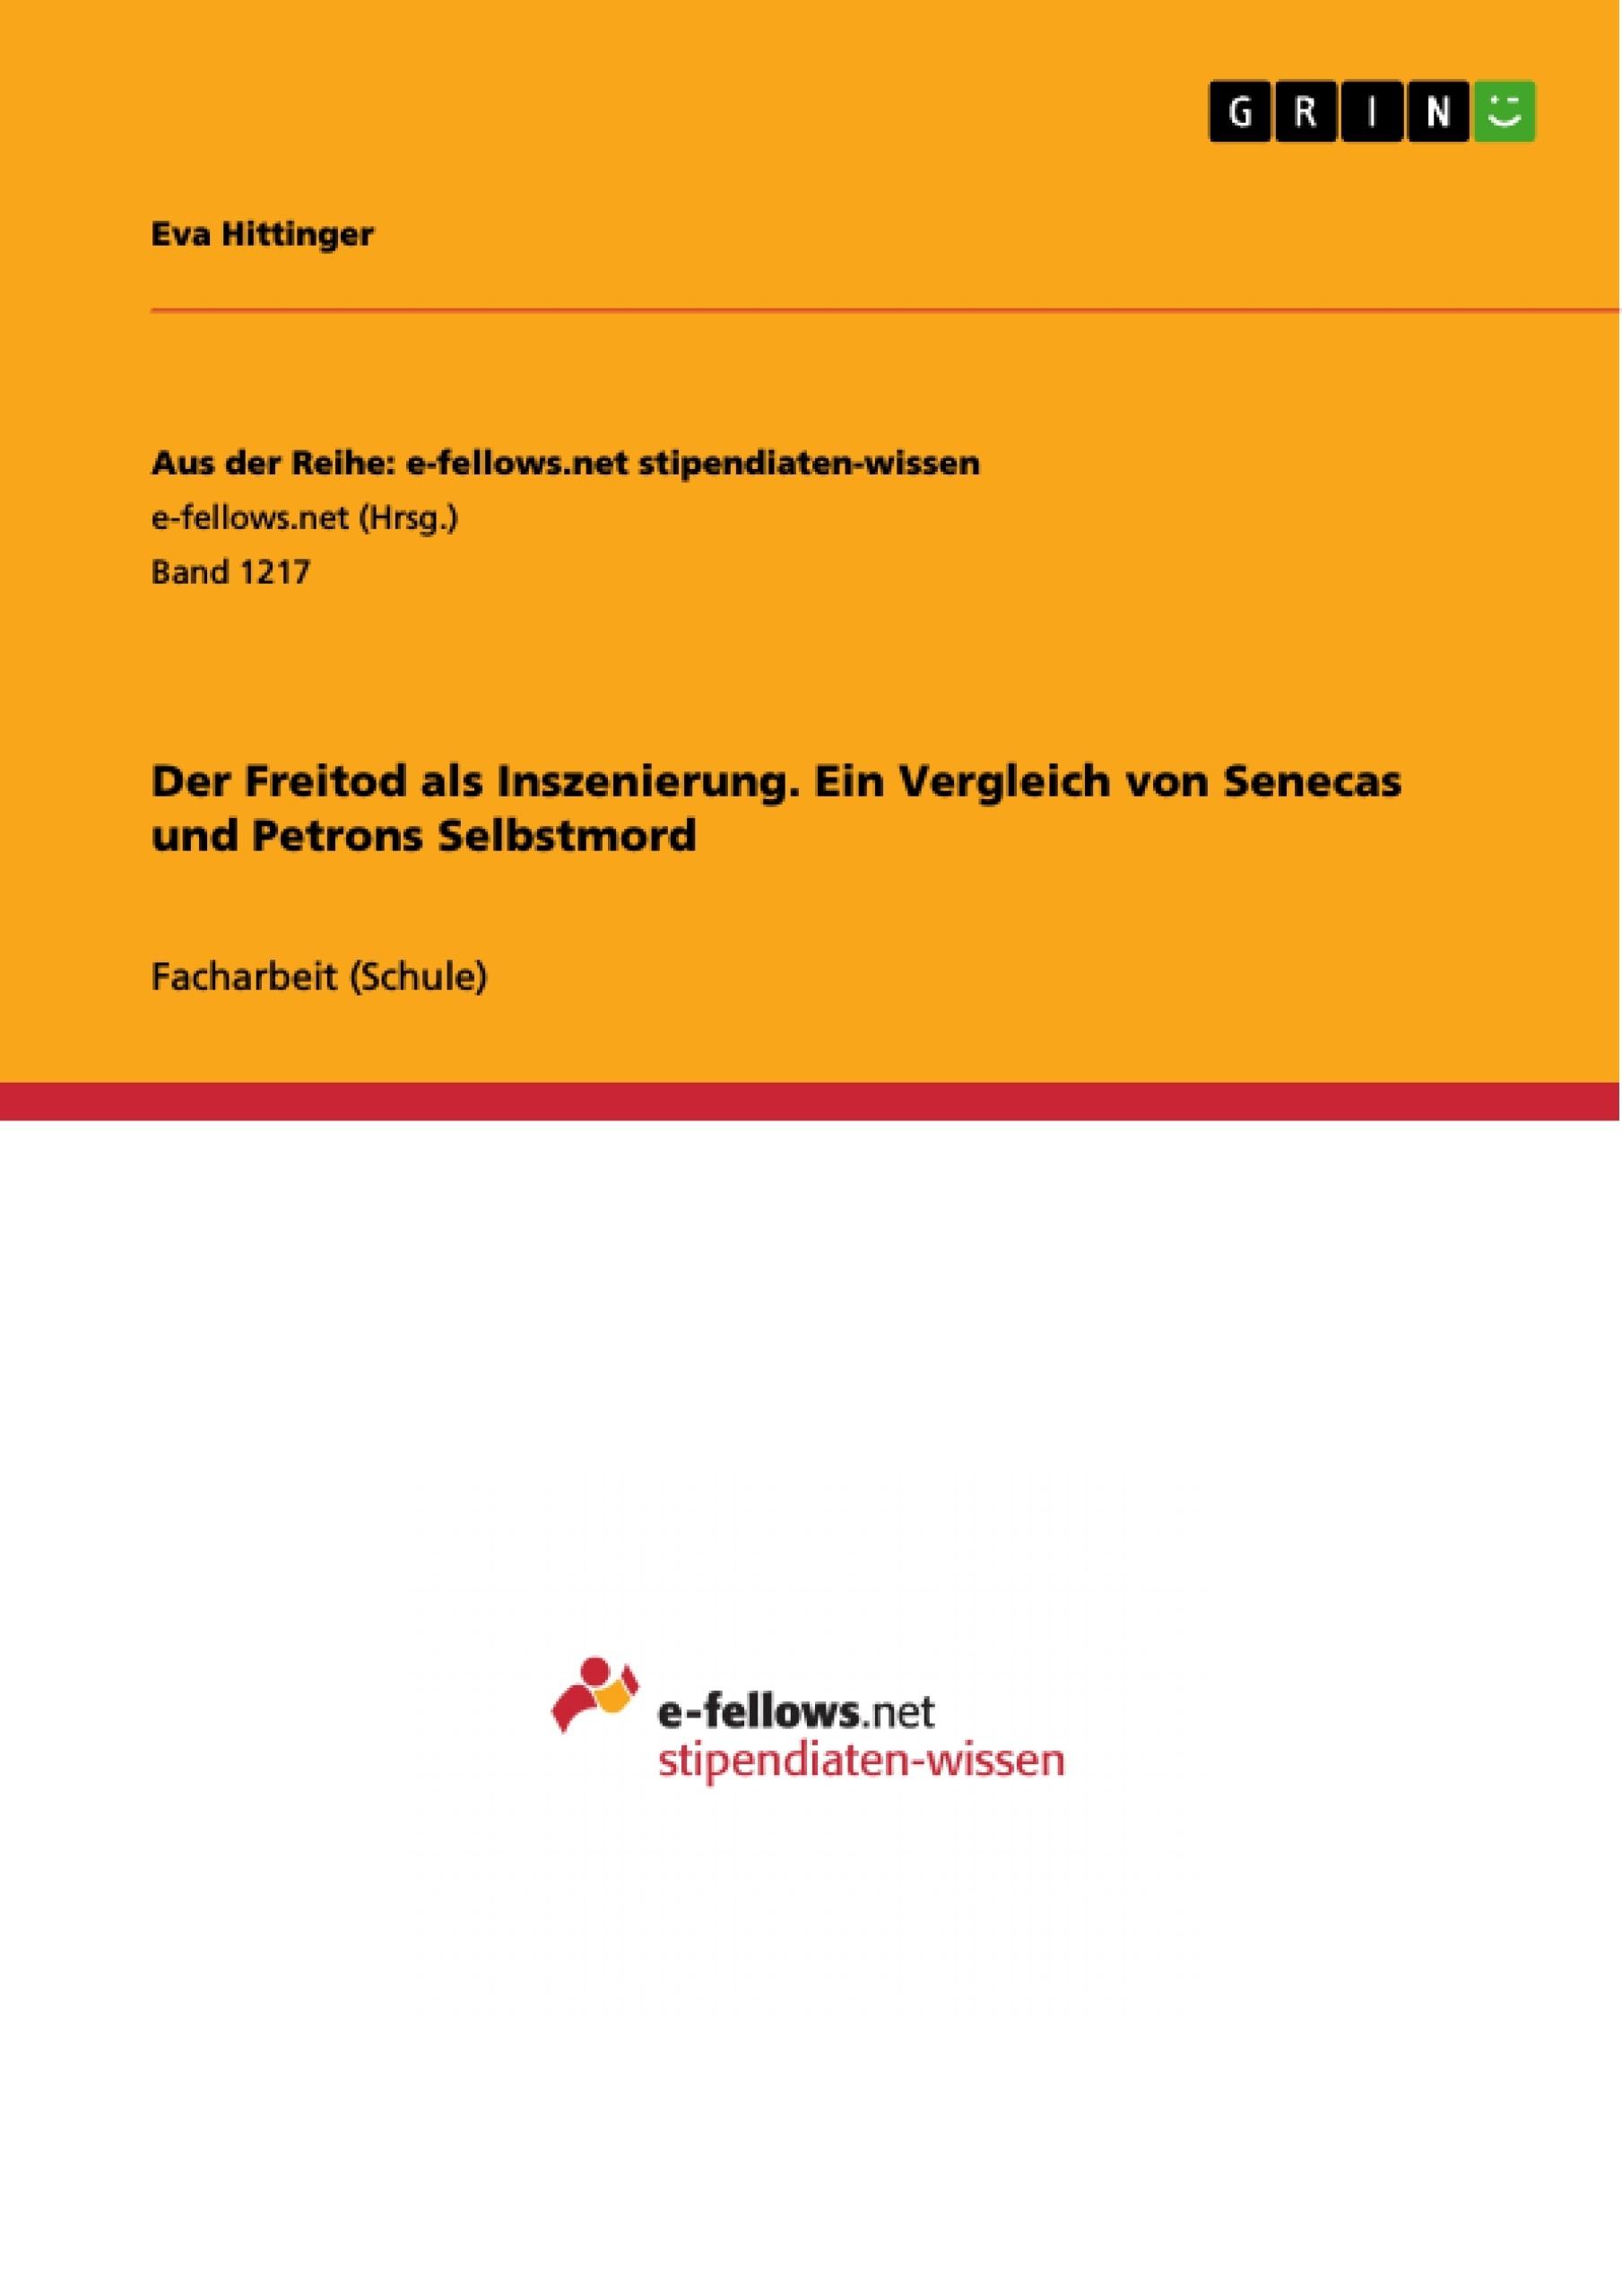 Titel: Der Freitod als Inszenierung. Ein Vergleich  von Senecas und Petrons Selbstmord